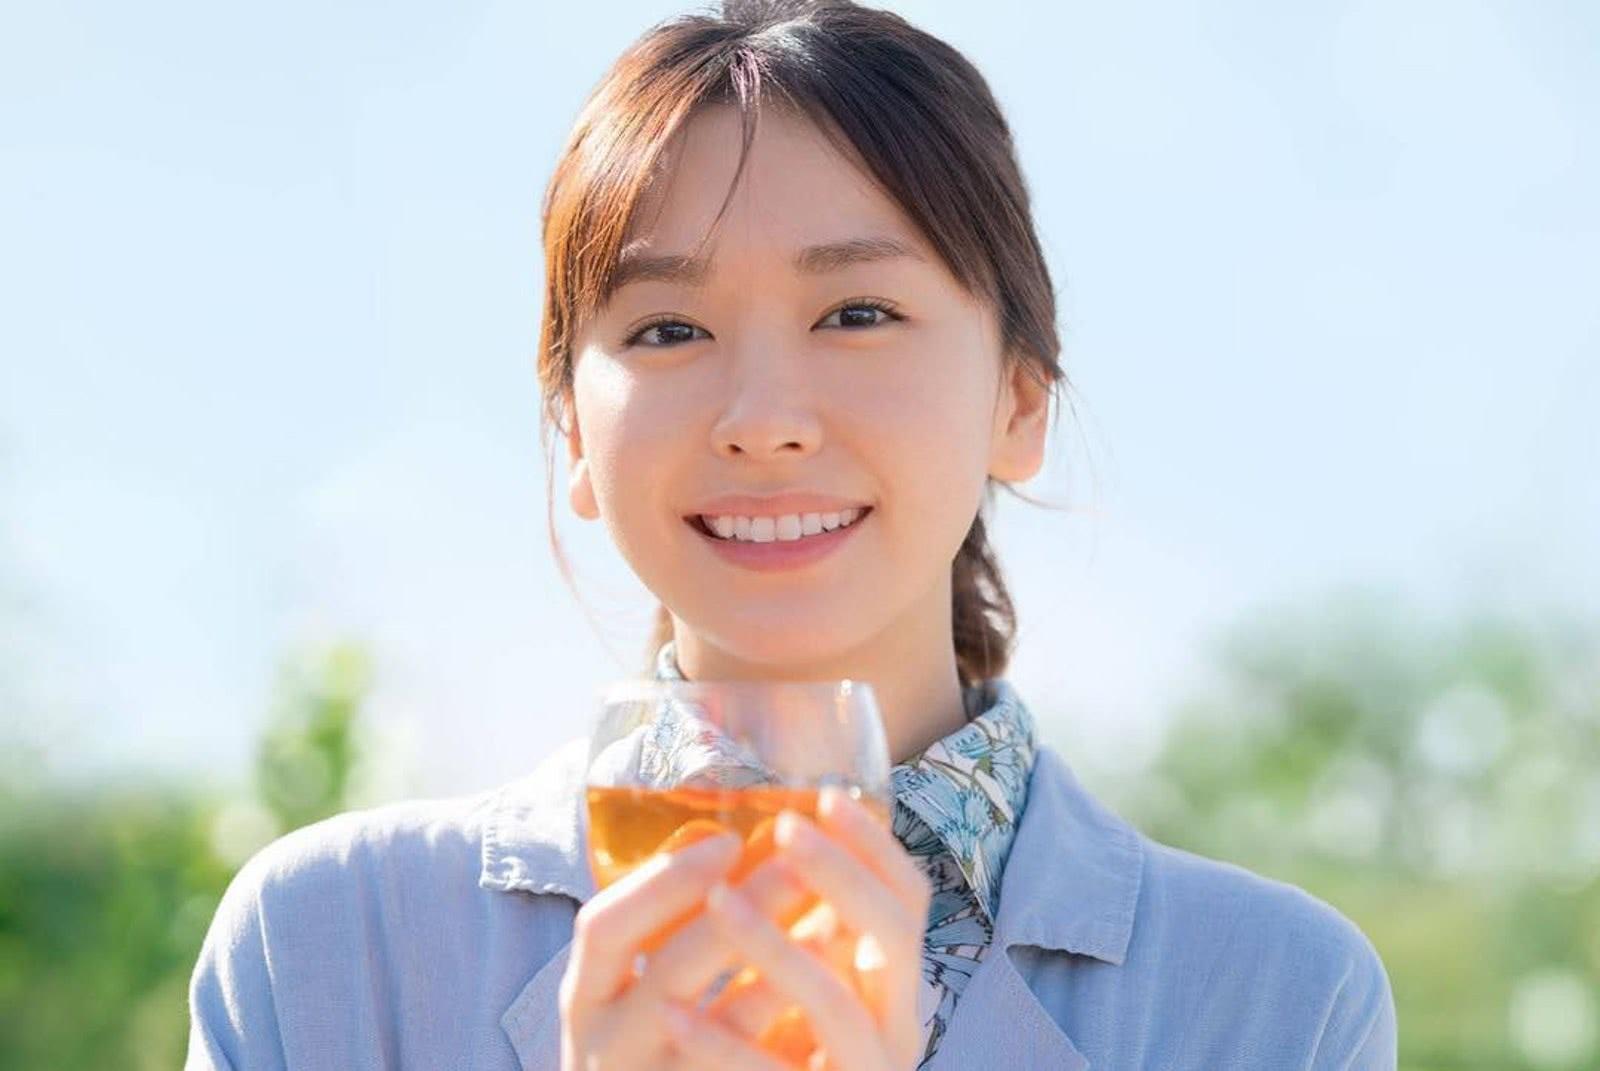 矮萌才是正义.盘点新生代《10个娇小日本女星》个个都超可爱. 养眼图片 第1张